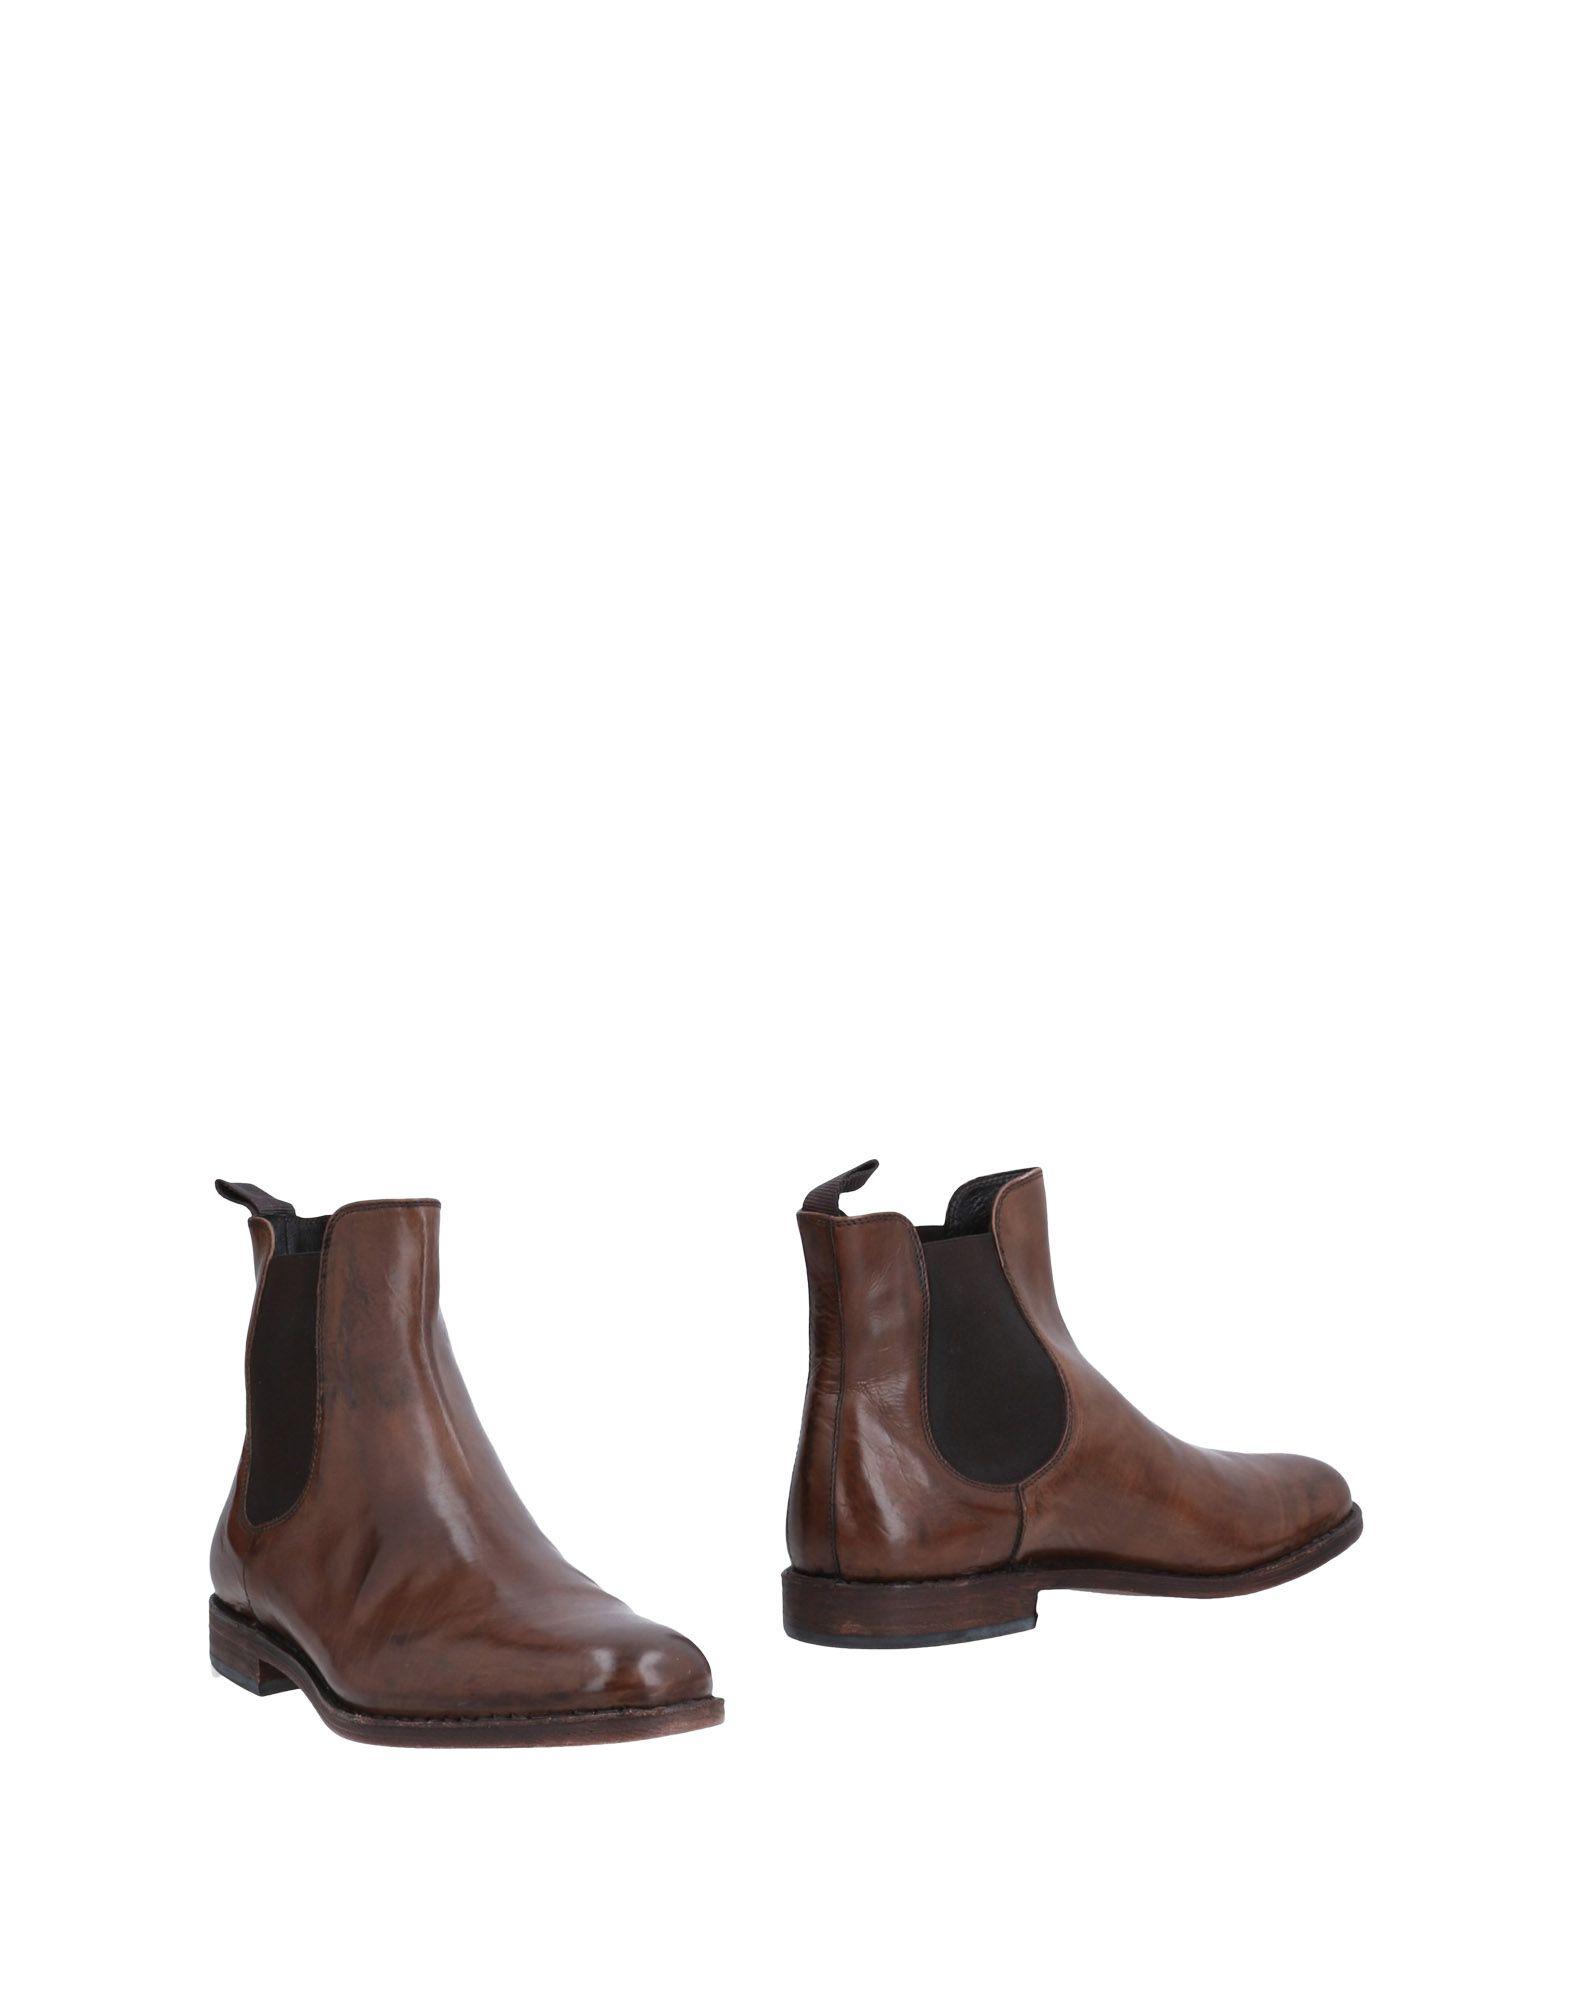 Pantofola D'oro D'oro Pantofola Stiefelette Herren  11492916QJ e5ec8f